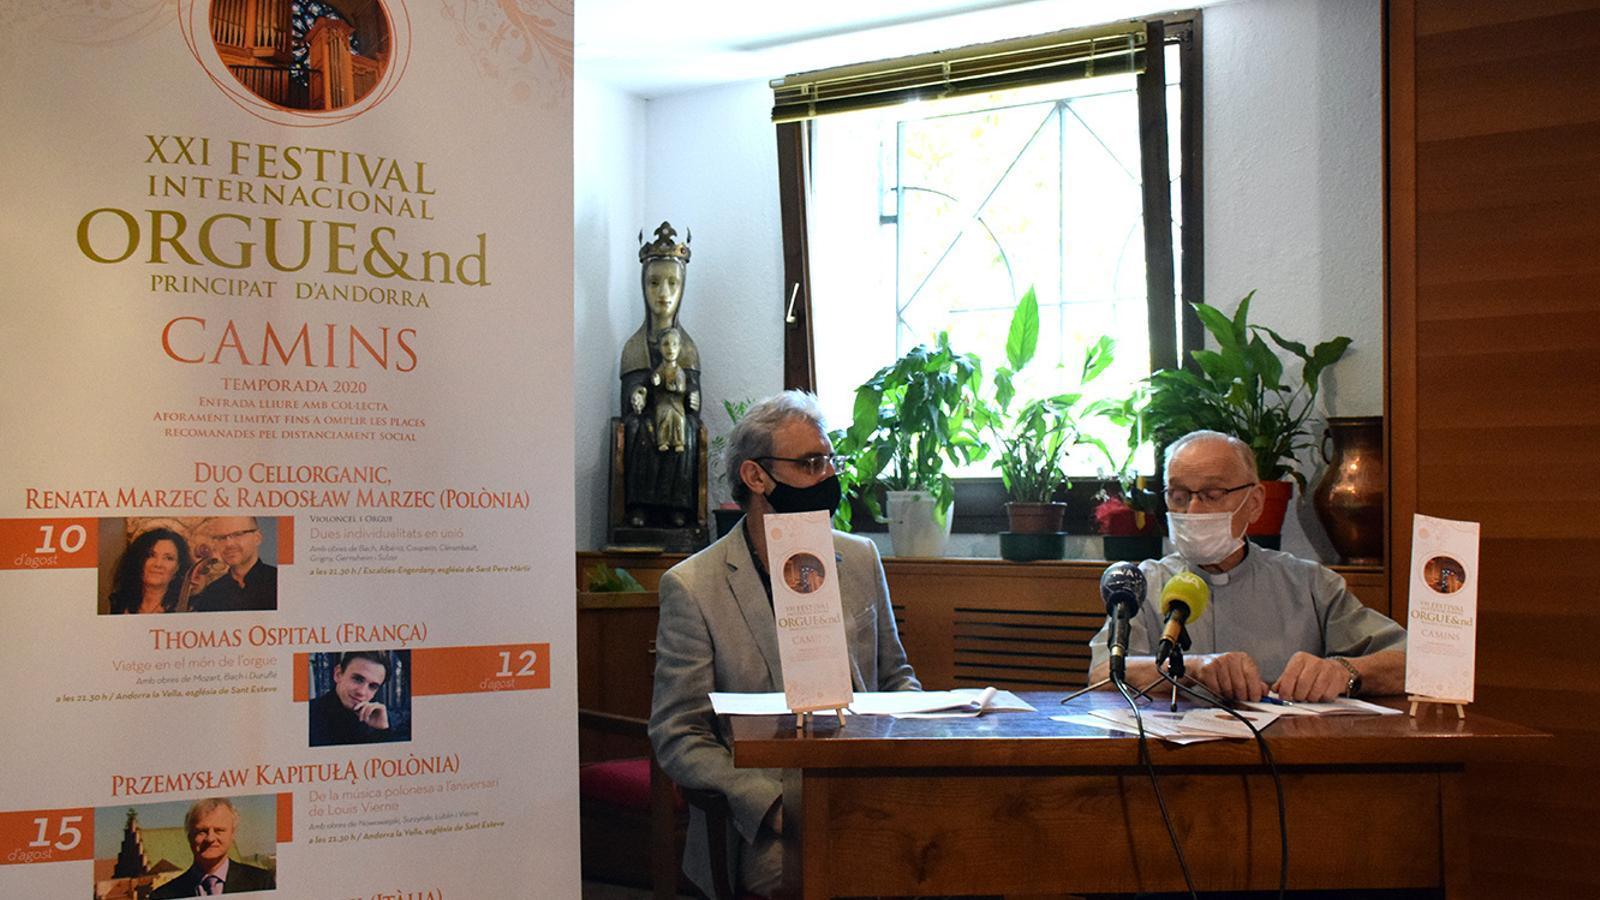 El director artístic del Festival internacional Orgue&nd, Ignacio Ribas, i l'arxiprest de les Valls, mossèn Ramon Sàrries, durant la roda de premsa. / M. F. (ANA)